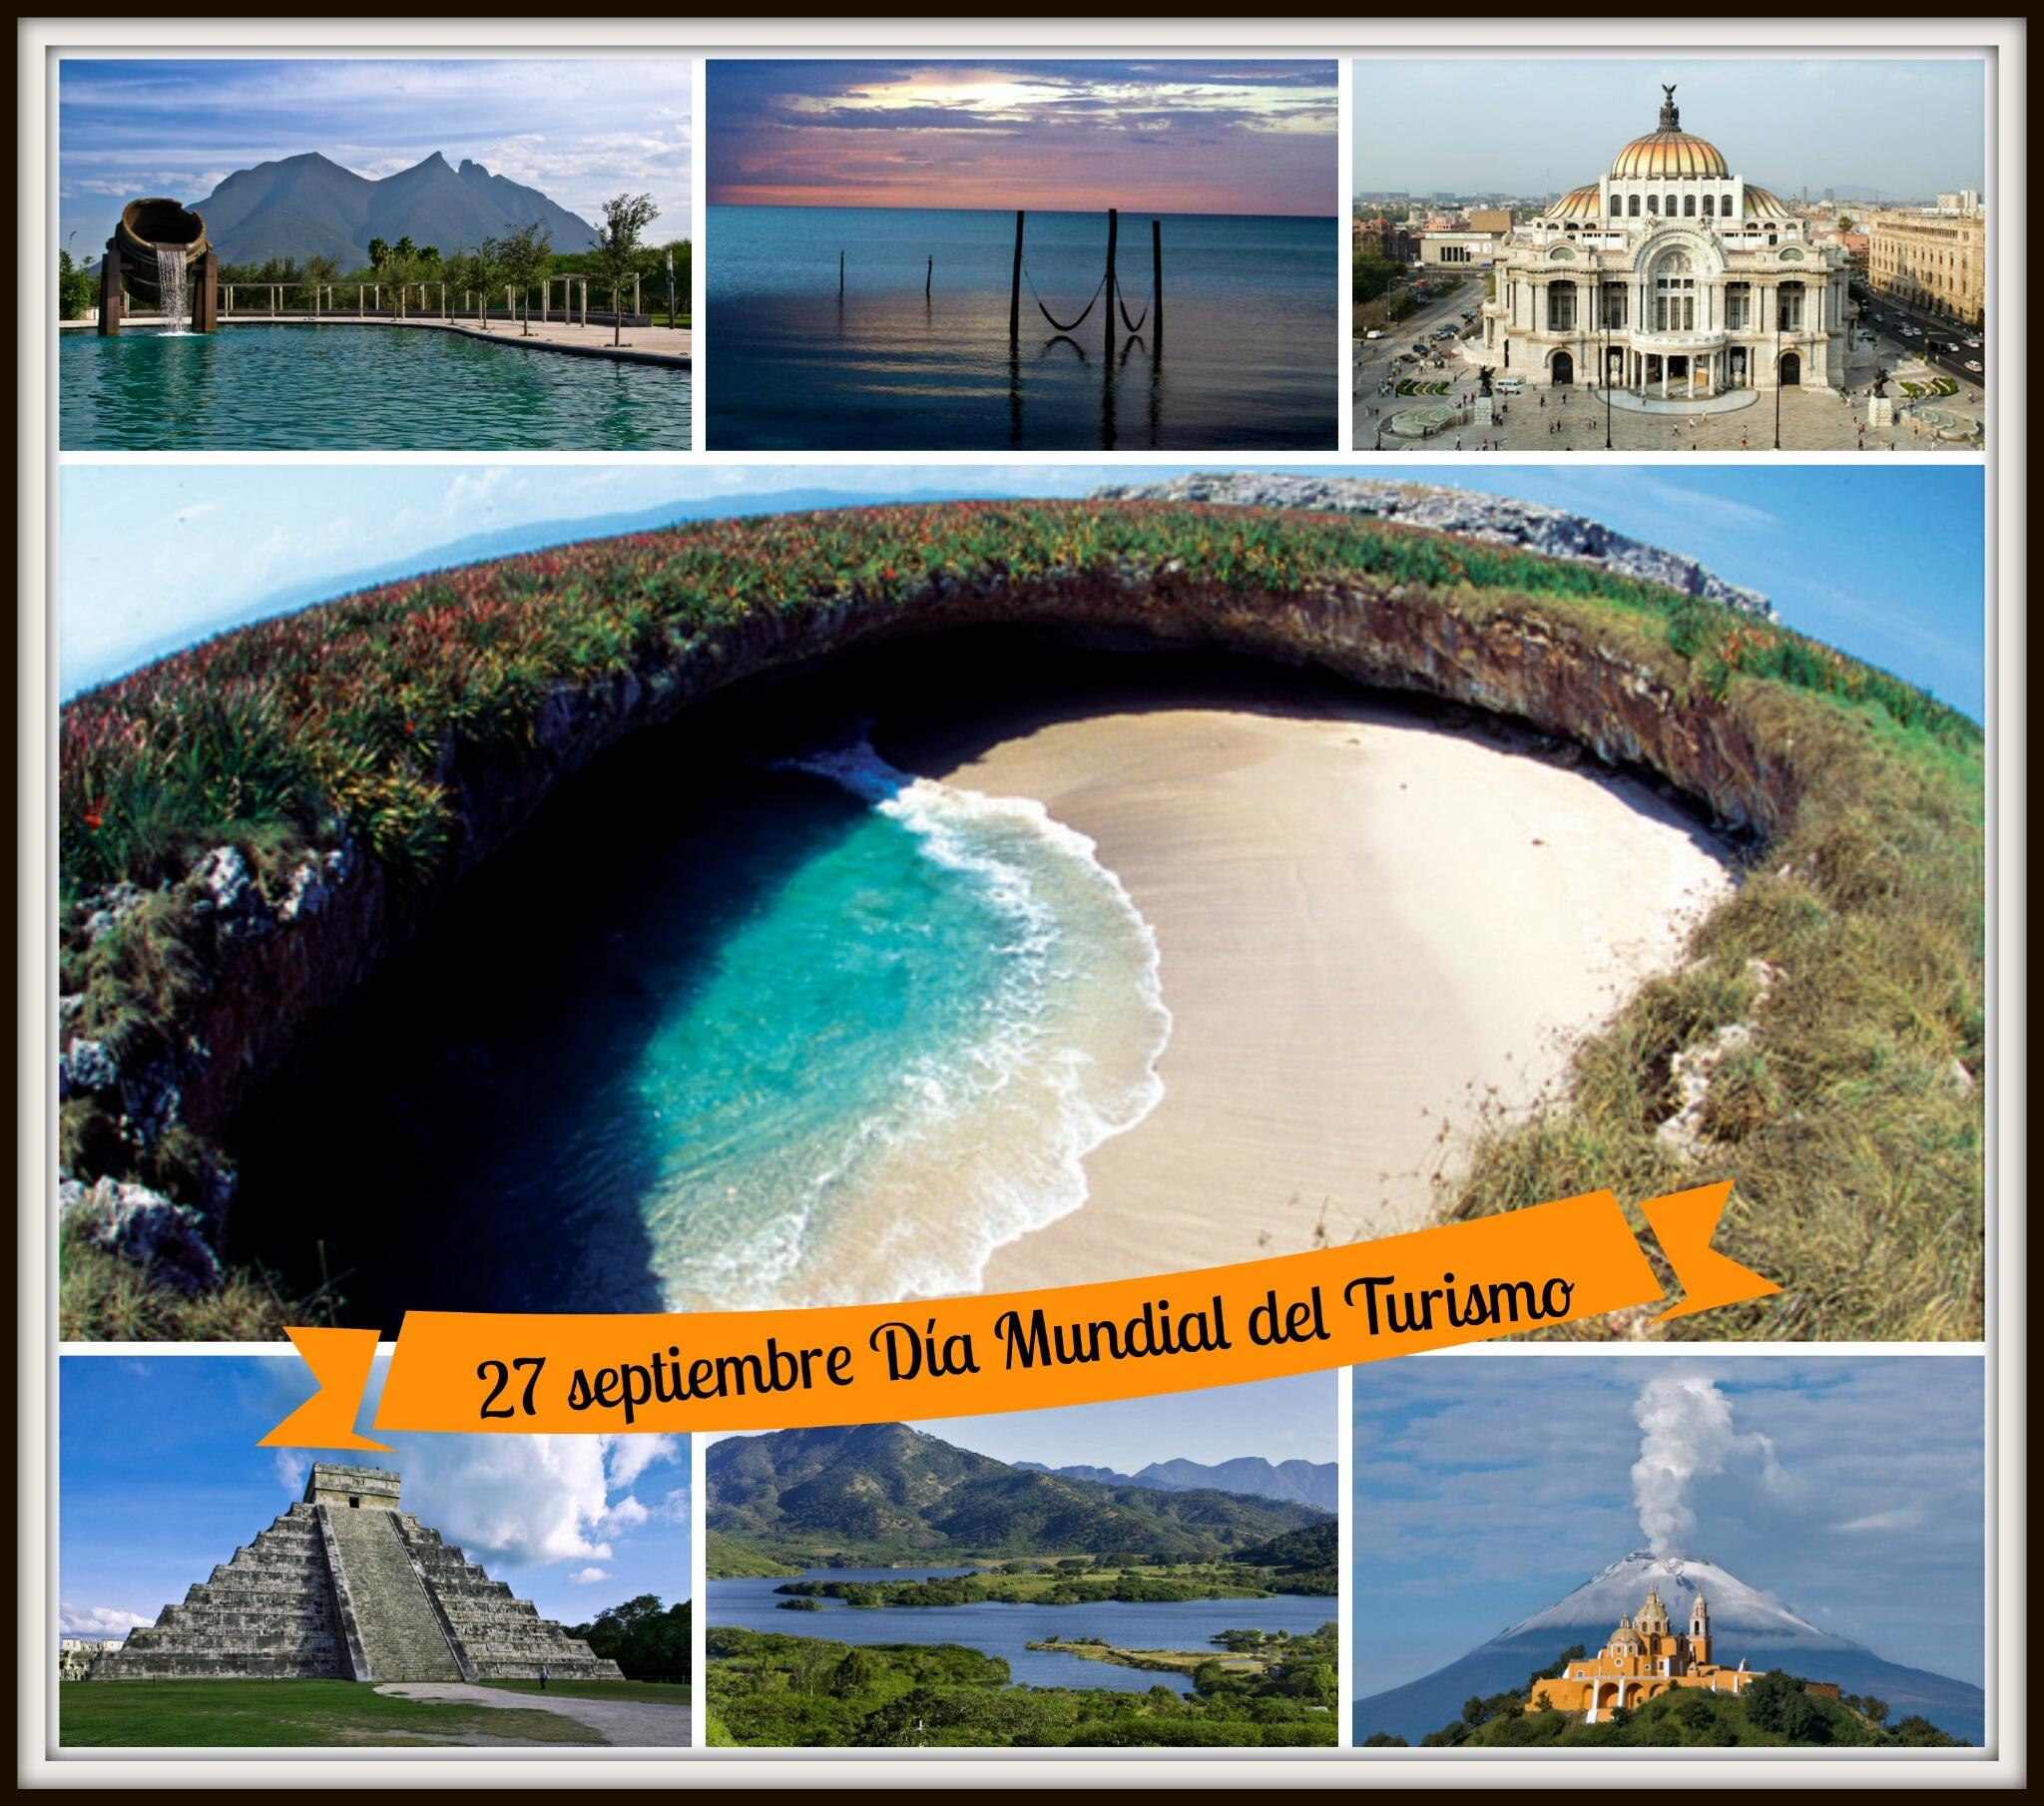 ¡Celebremos el Día Mundial del Turismo! #SabíasQue #México es uno de los países más visitados en el mundo. #DMTMX http://t.co/piWKNCKpRs